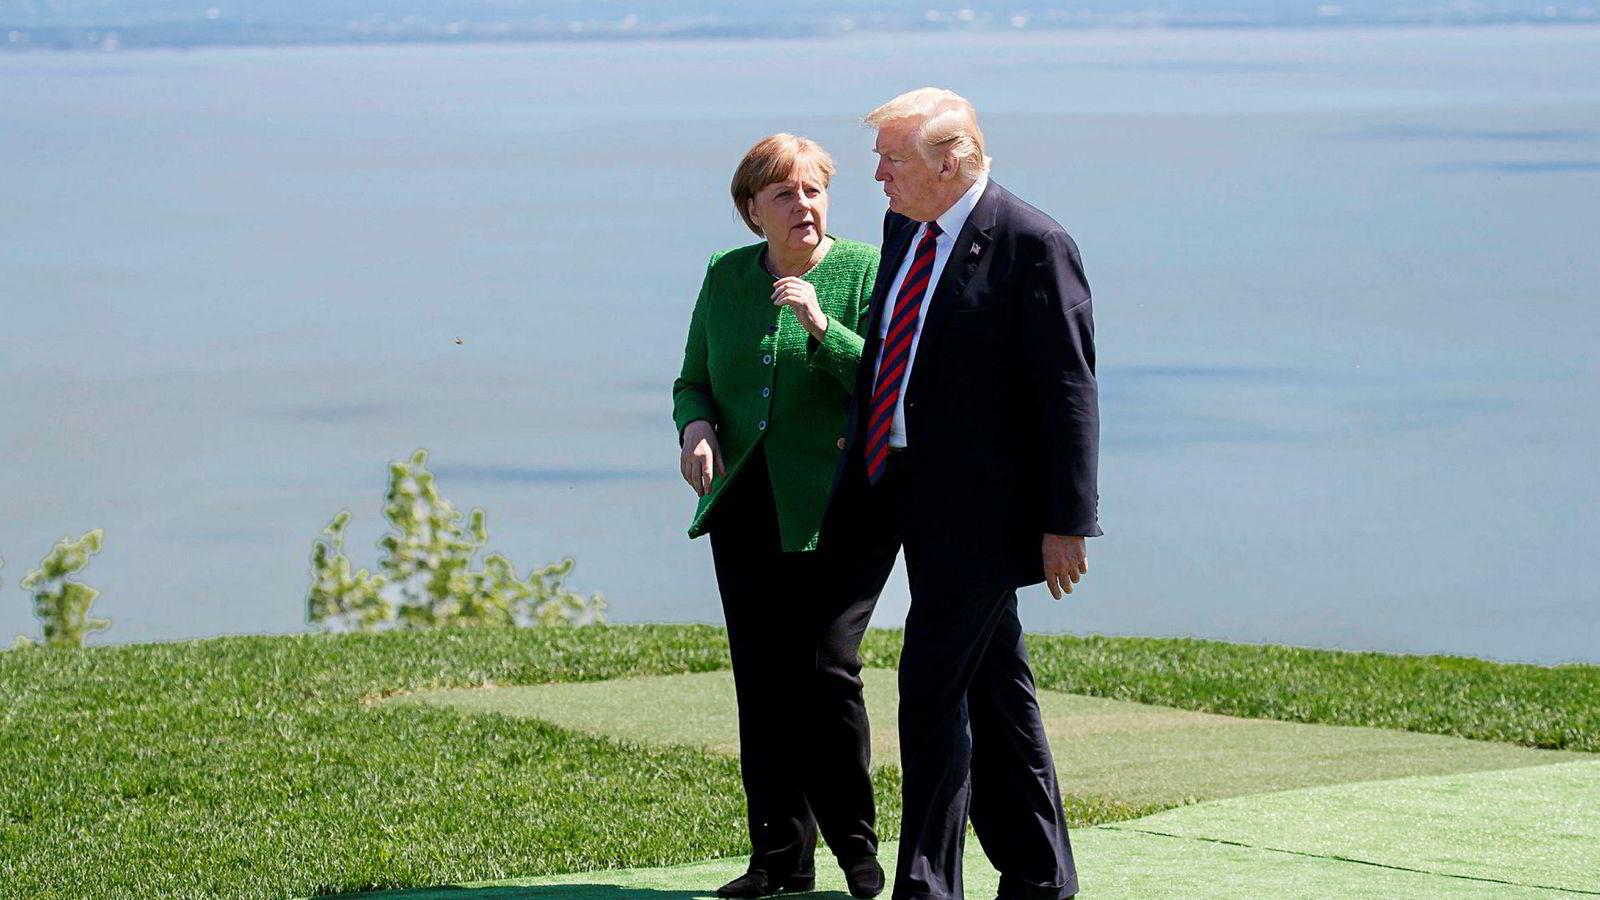 USAs forbundskansler Angela Merkel er bekymret for hva USA og president Donald Trump finner på i den pågående handelskrigen.